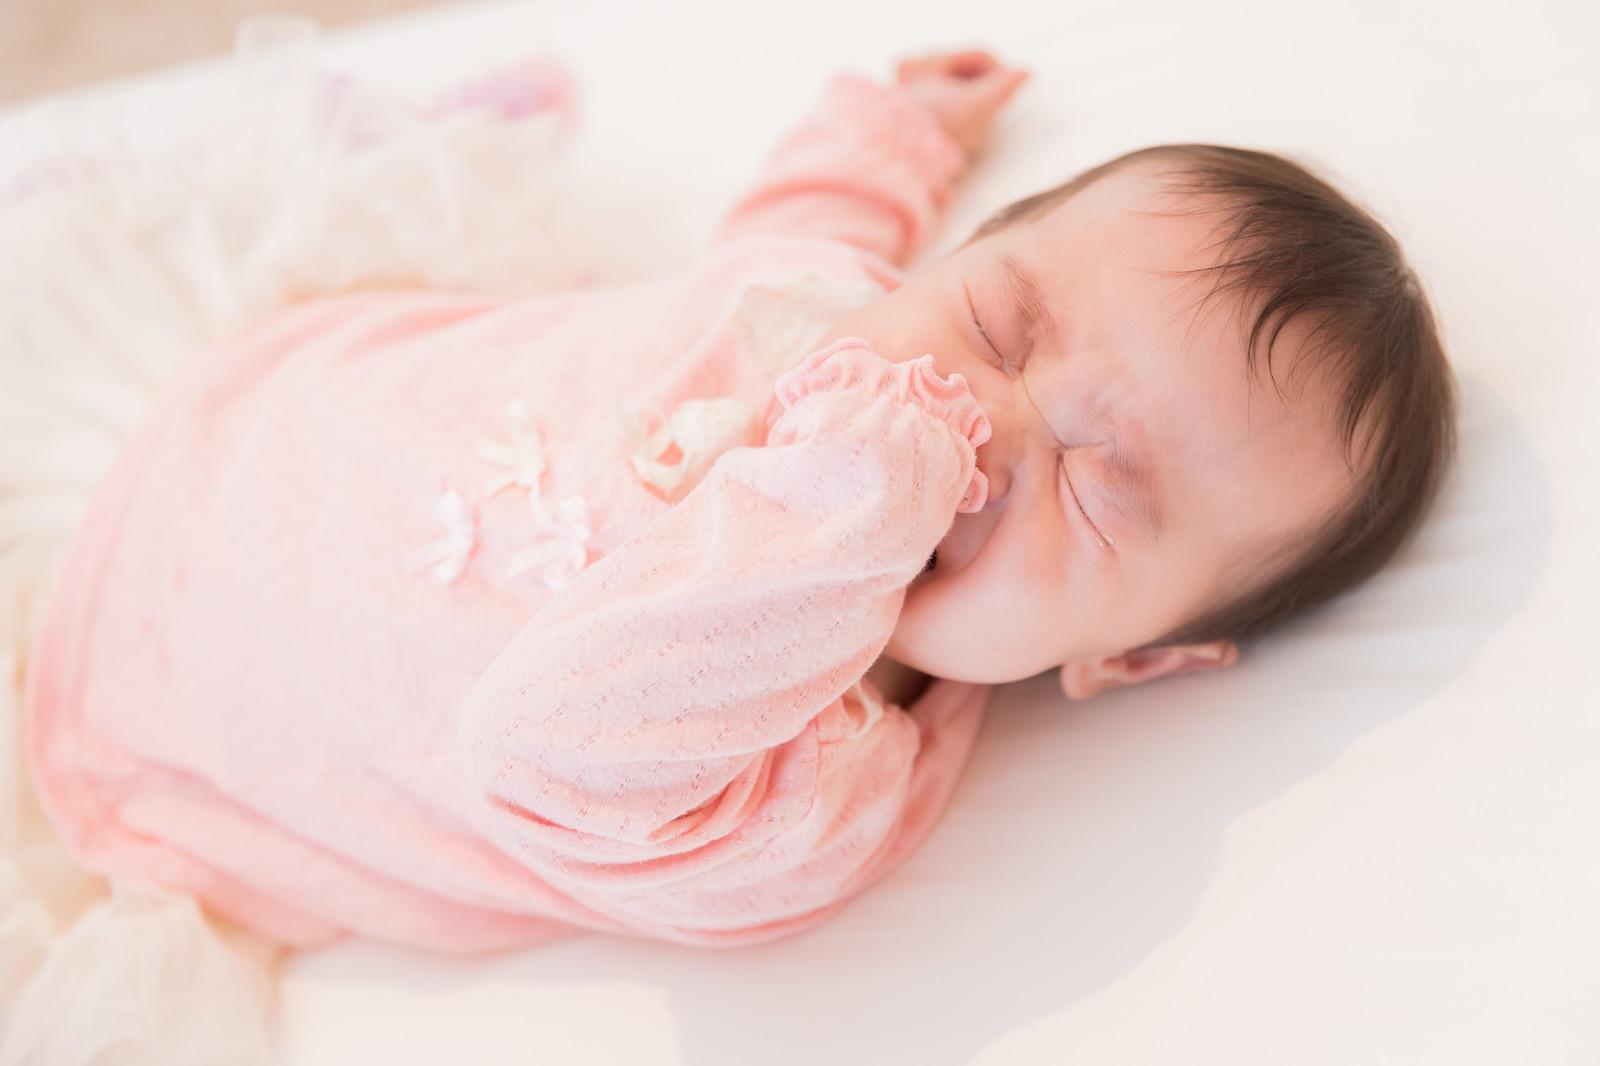 混合育児の粉ミルクの量の決め方や増やし方、授乳間隔は?ミルクを足すタイミングは?【混合育児の進め方】